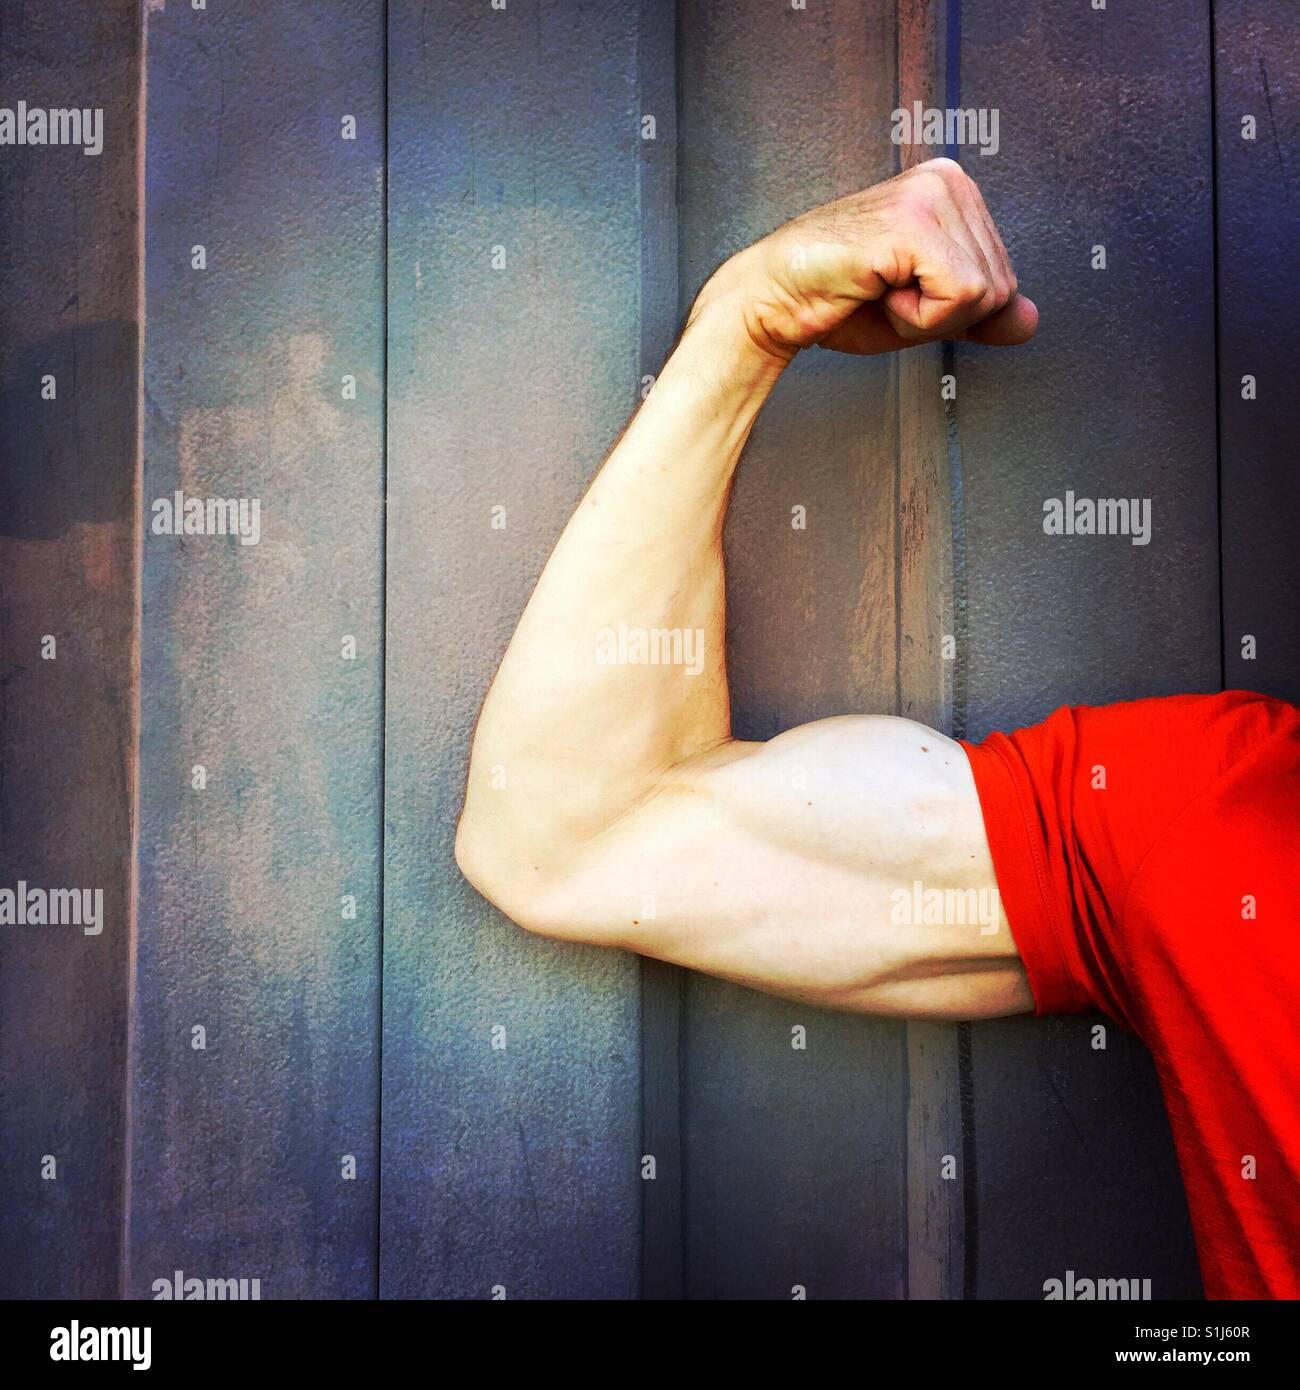 Un homme de plier le bras droit muscle biceps devant un mur sombre Photo Stock